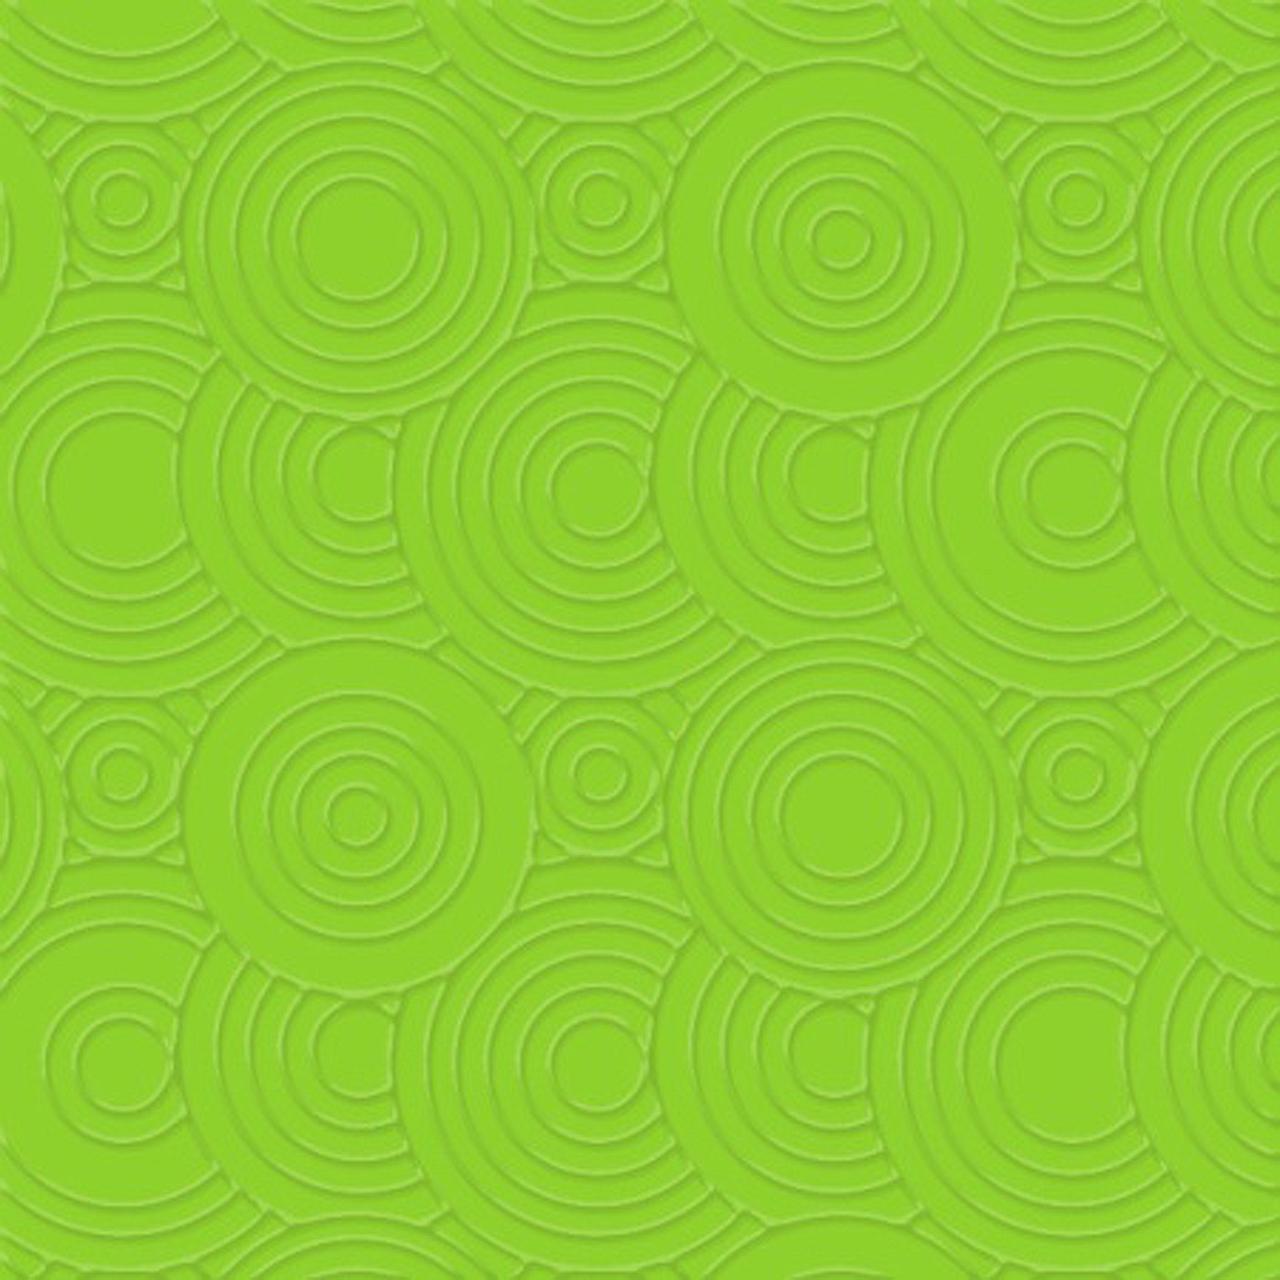 Servetele Decorative Din Hartie Verde Cu Cercuri 2